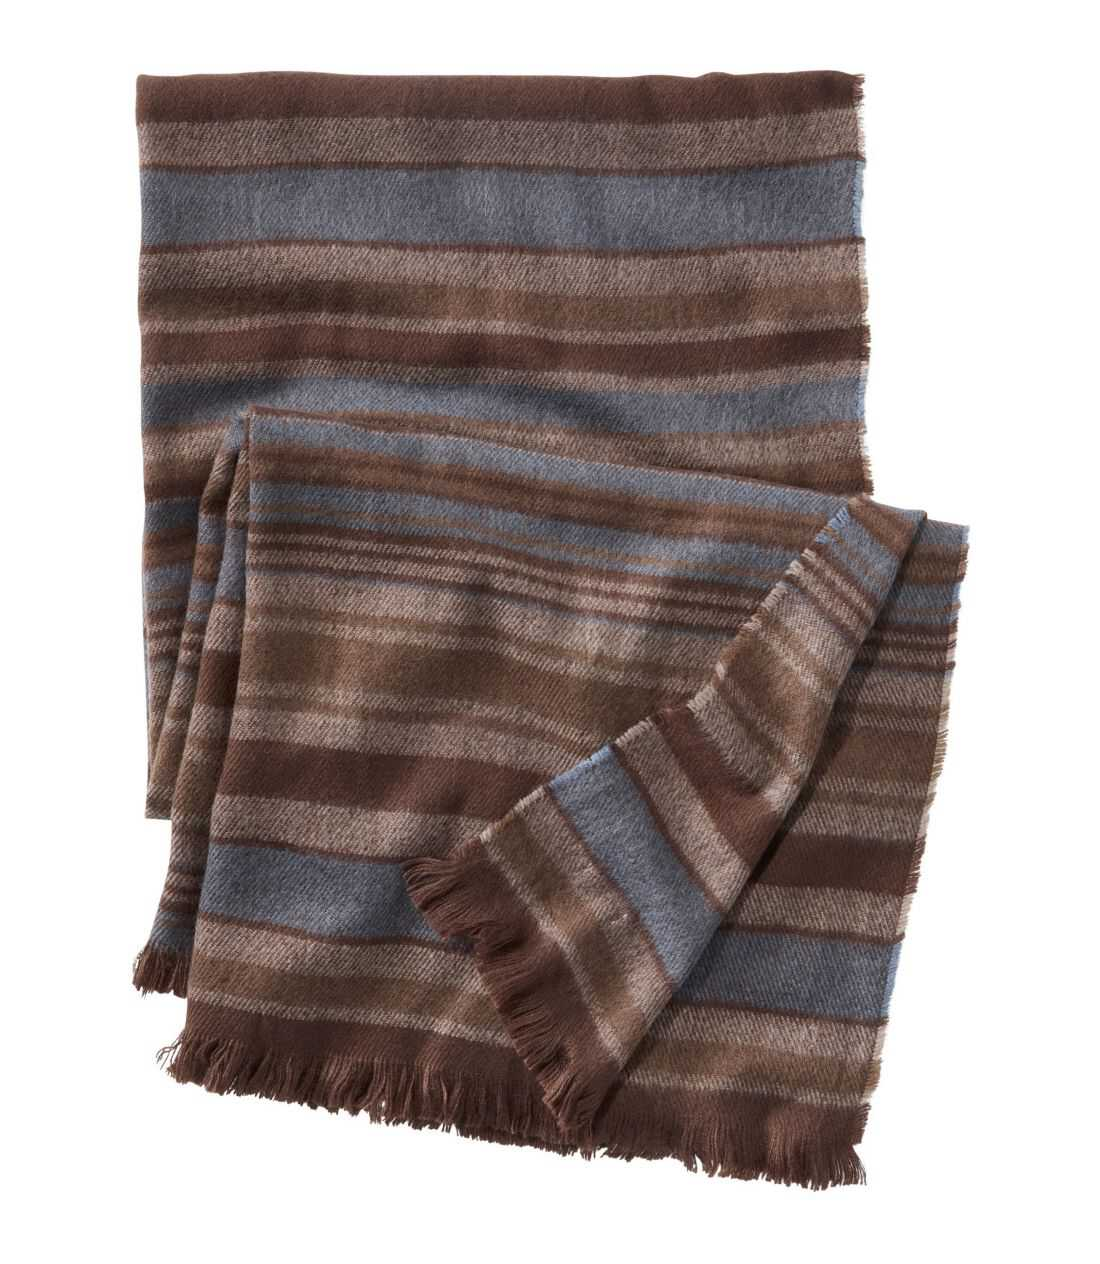 ビーンズ・ブランケット・スカーフ